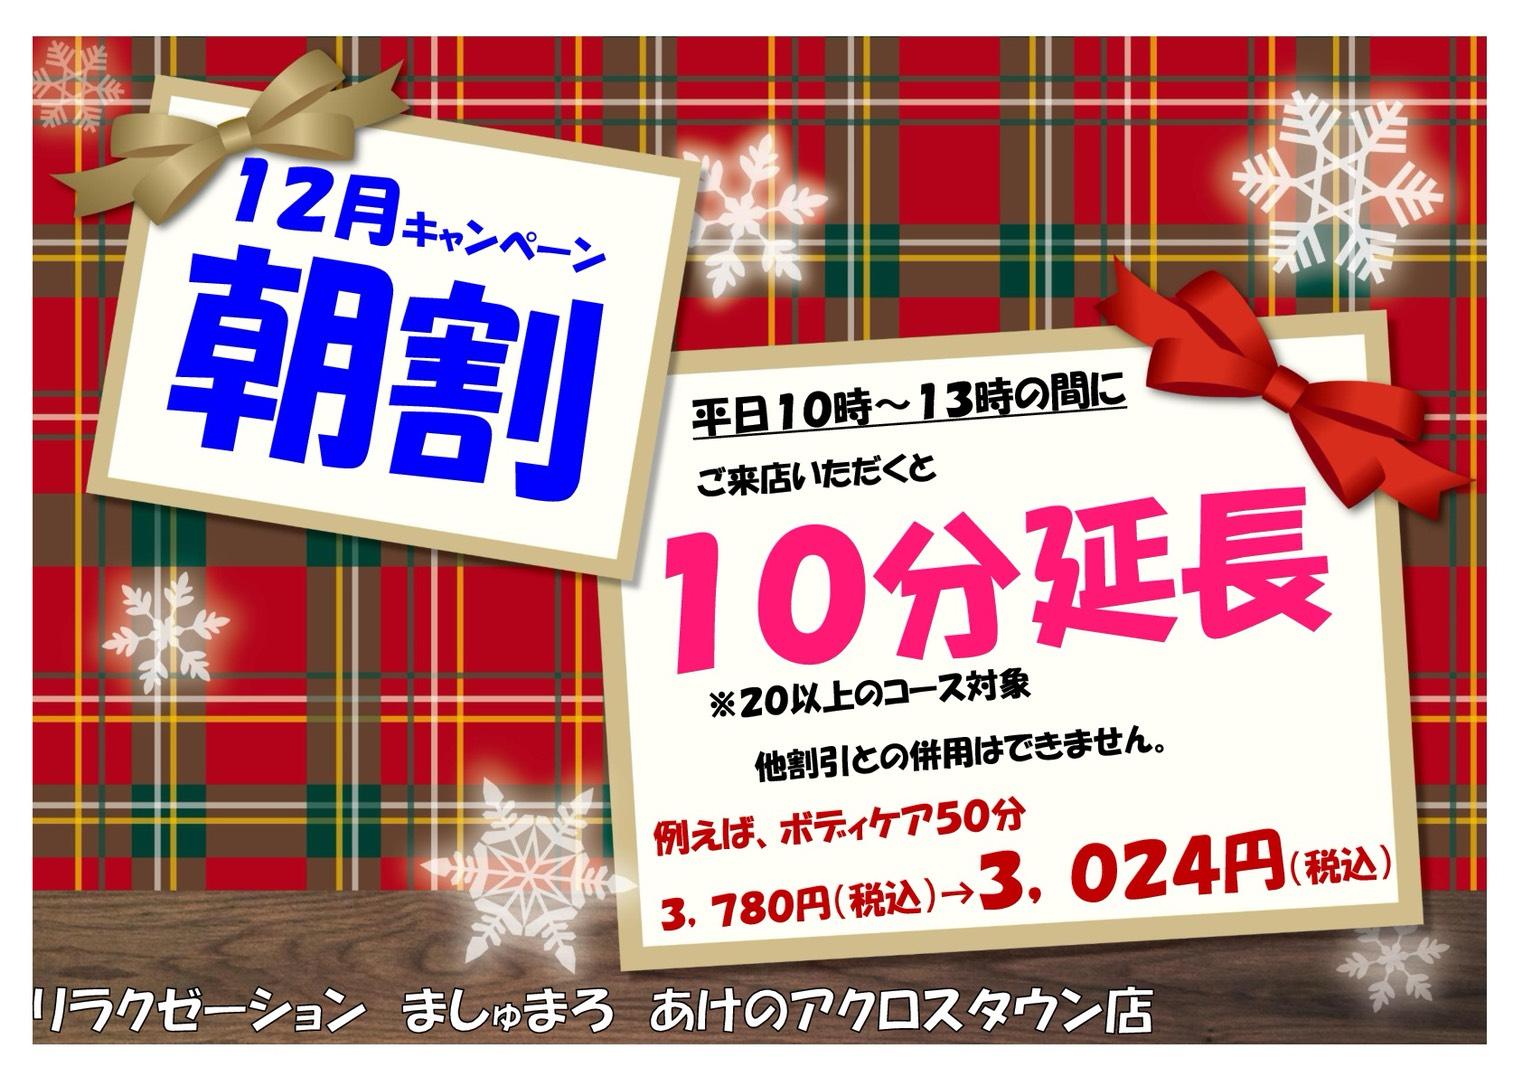 【ましゅまろ】12月キャンペーン情報1